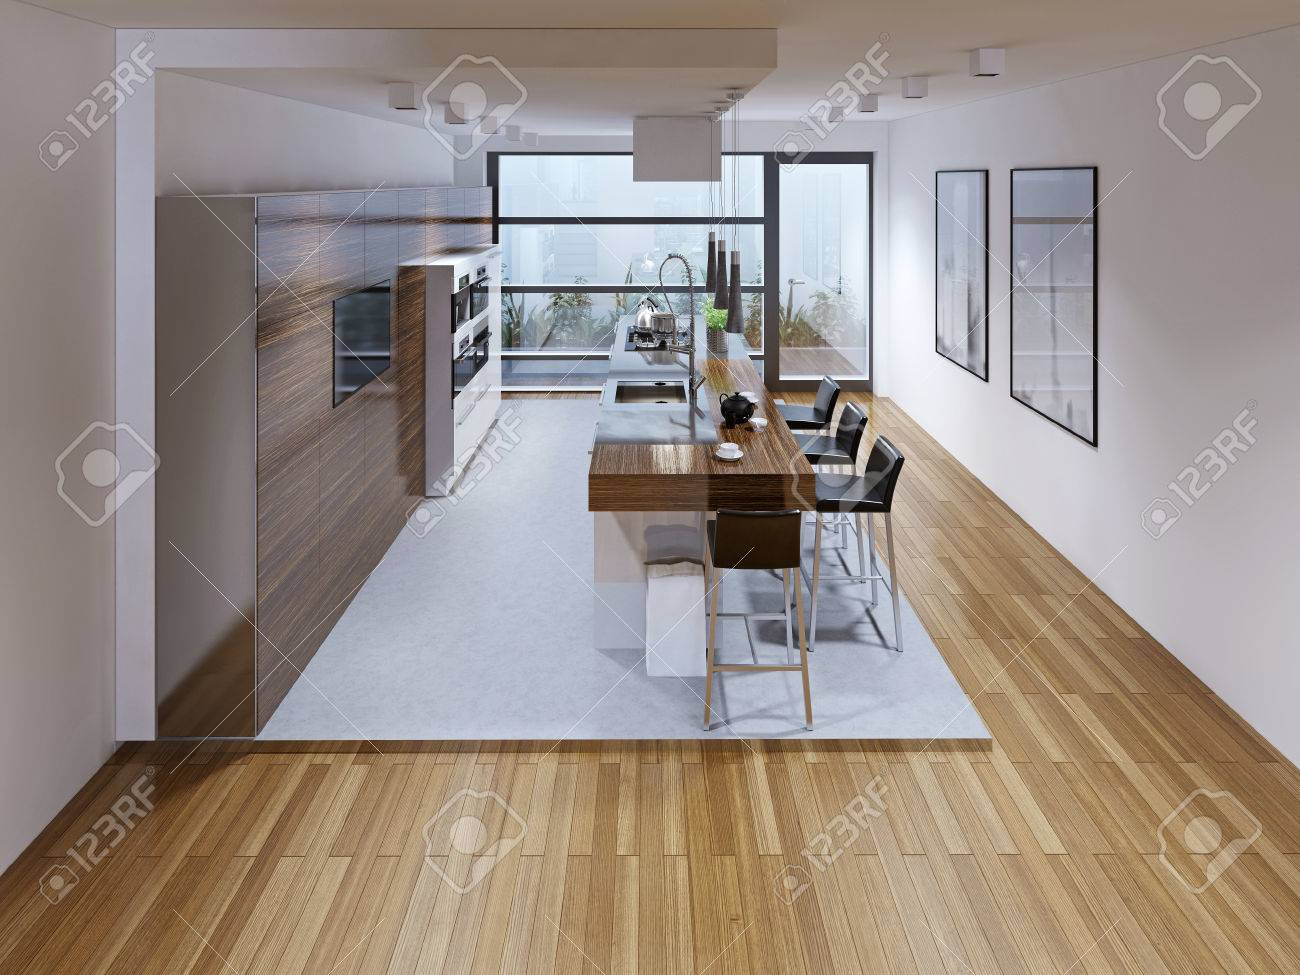 Conception d\'une cuisine moderne avec îlot. Conception d\'une cuisine  moderne avec îlot. Le contraste des deux couleurs: blanc et brun. appareils  ...